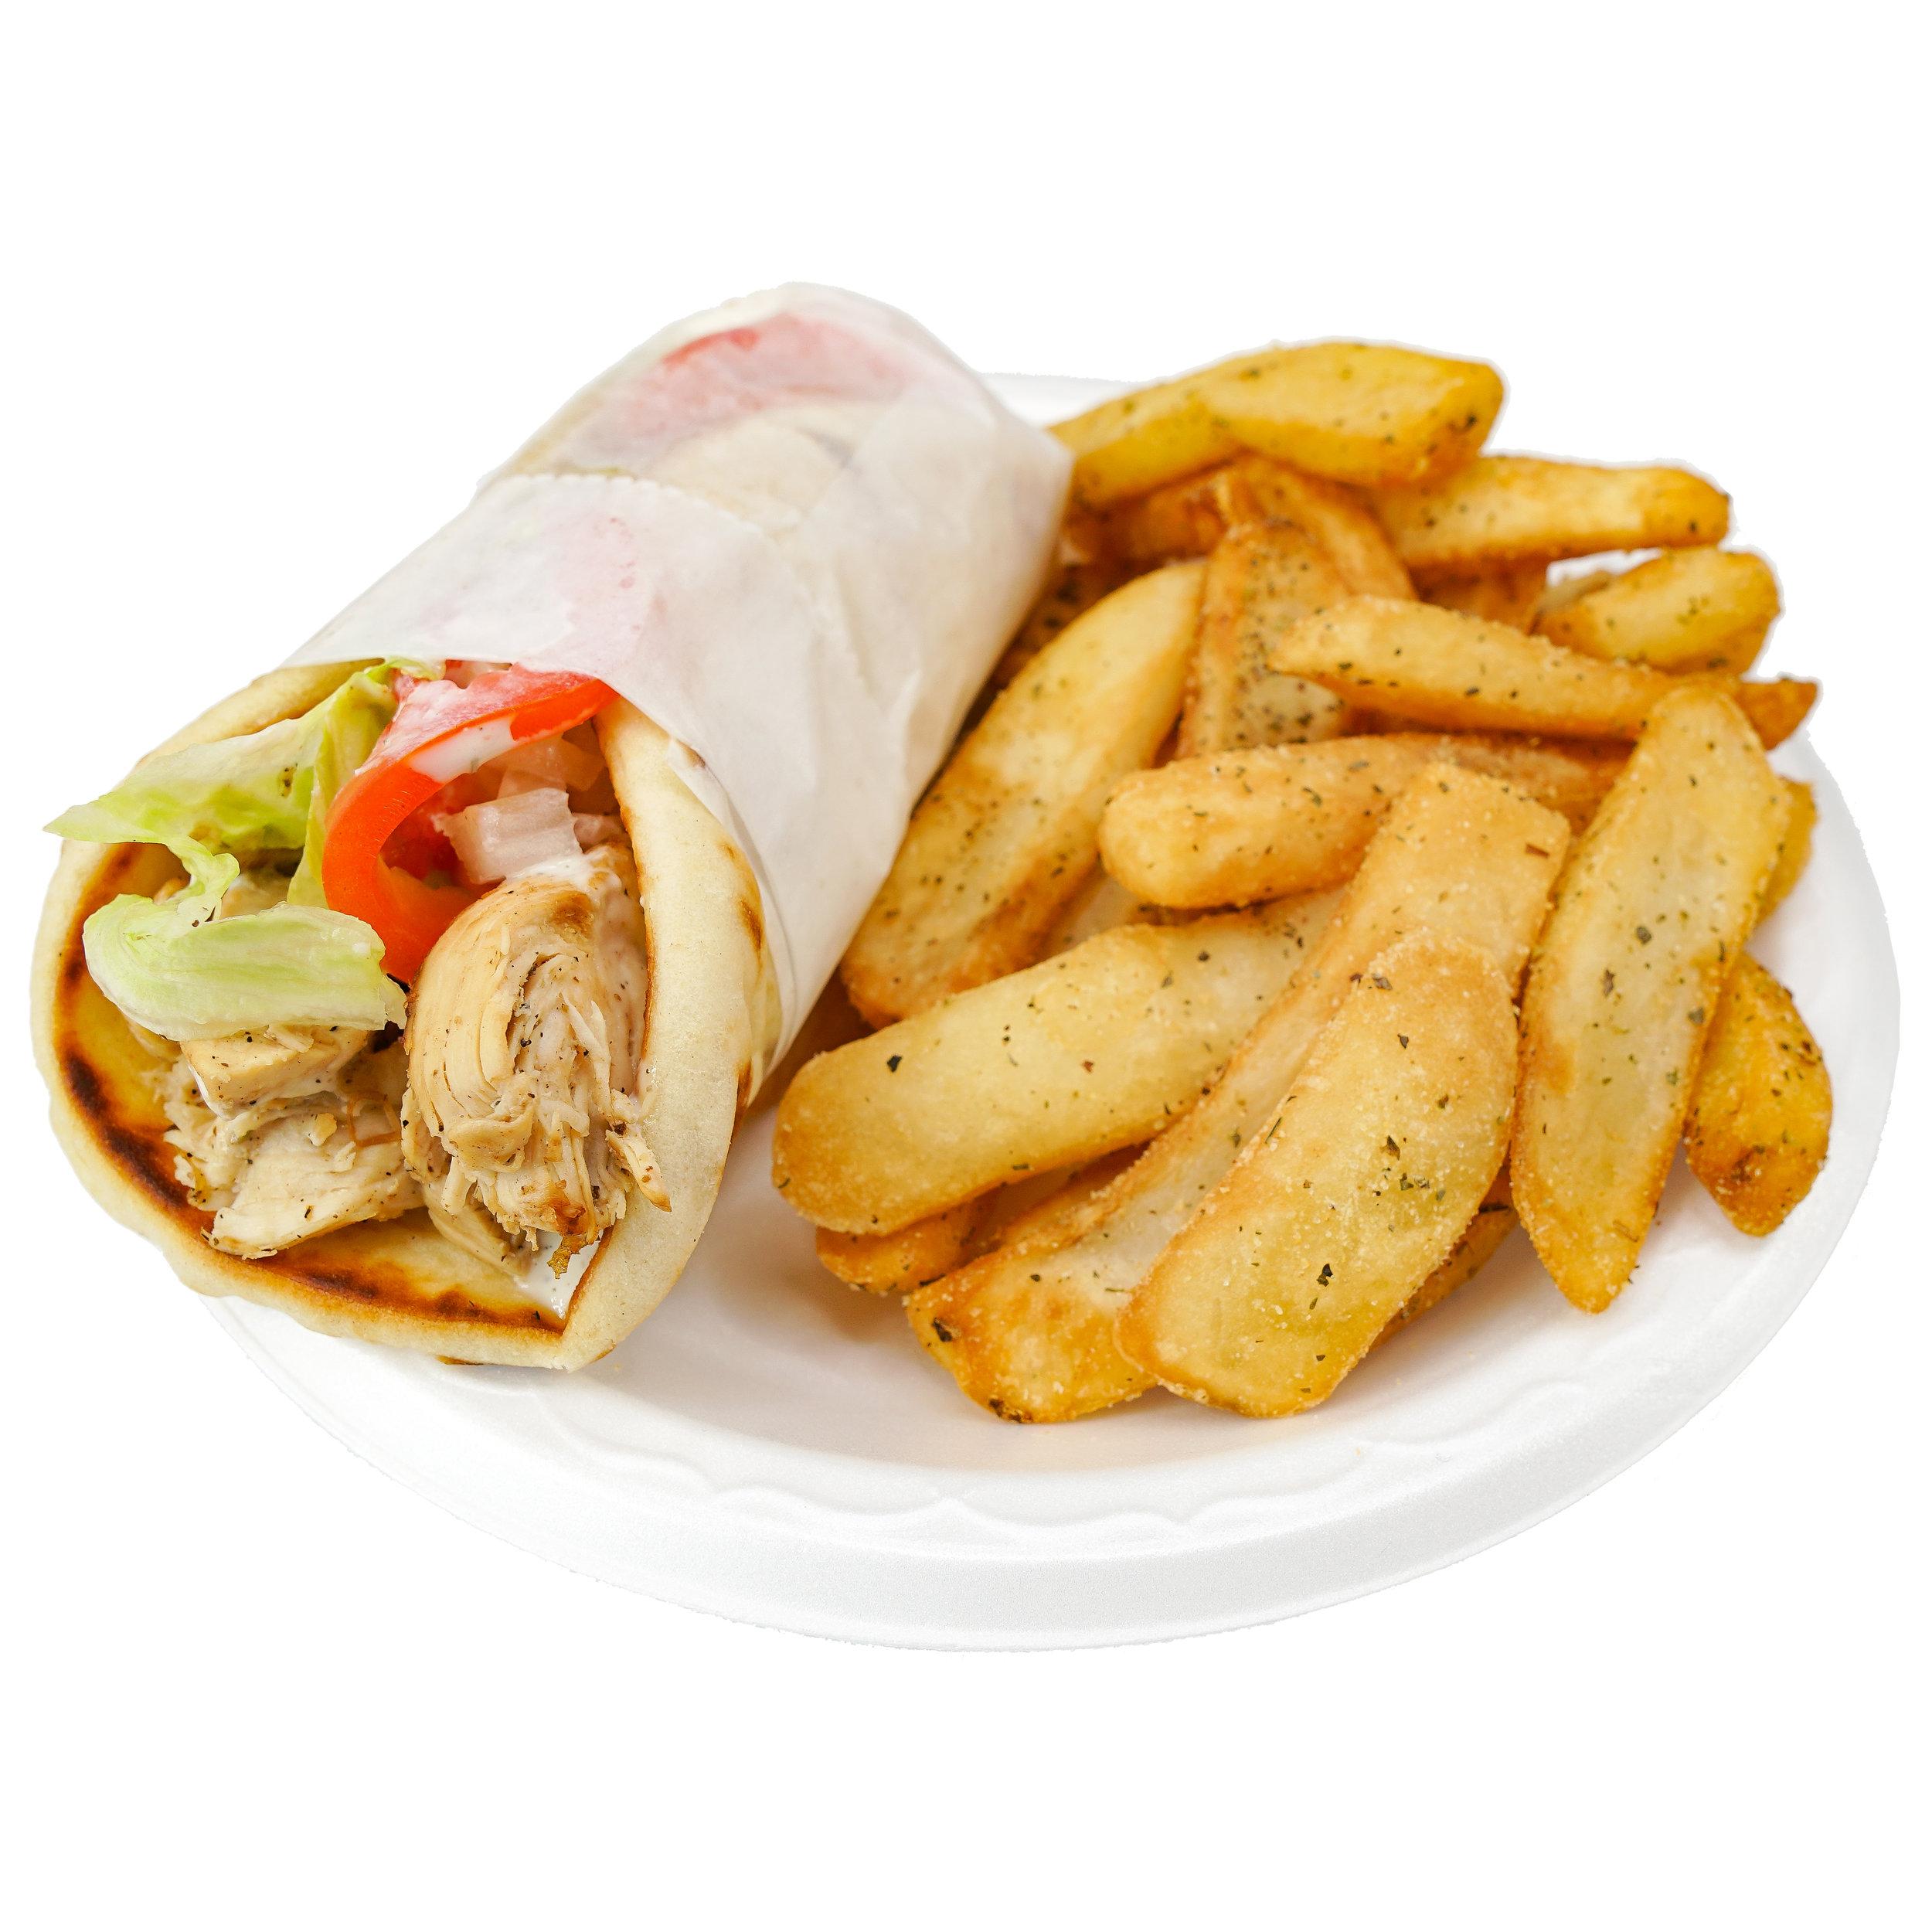 Chicken Wrap w/ Fries